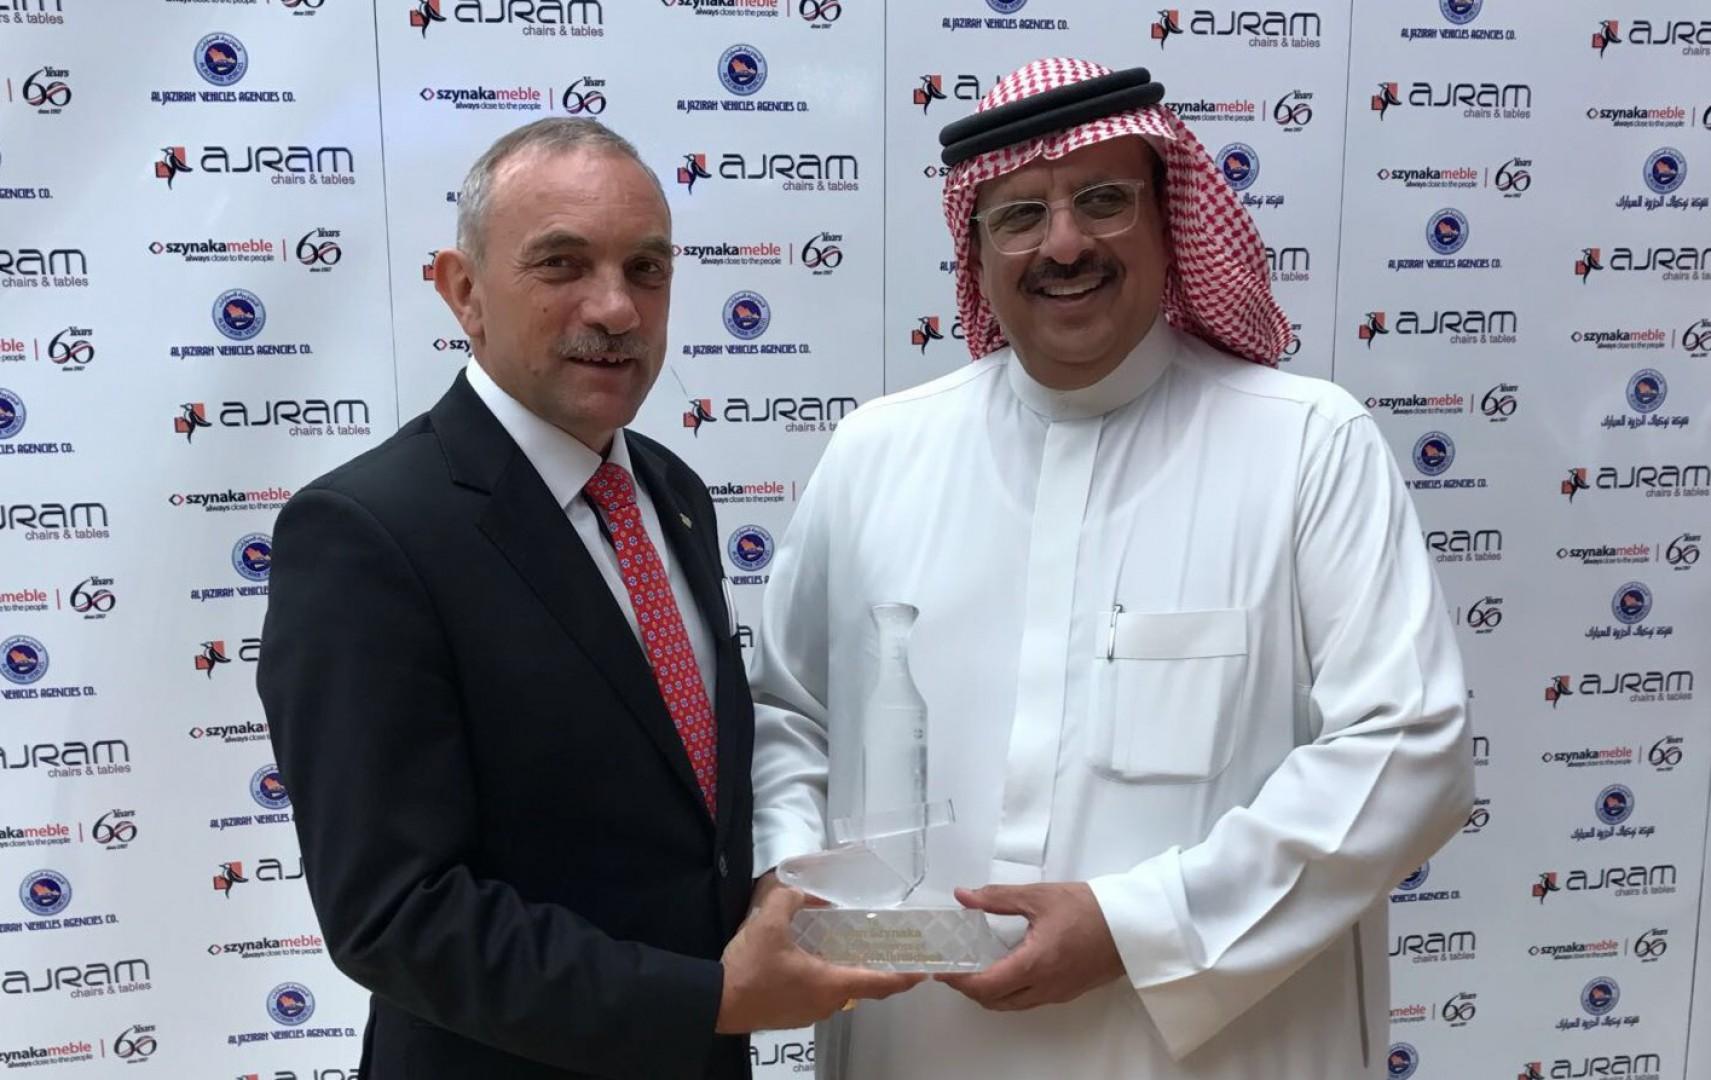 Jan Szynaka, prezes firmy Szynaka Meble, podczas wizyty w Arabii Saudyjskiej. Fot. Materiały prasowe